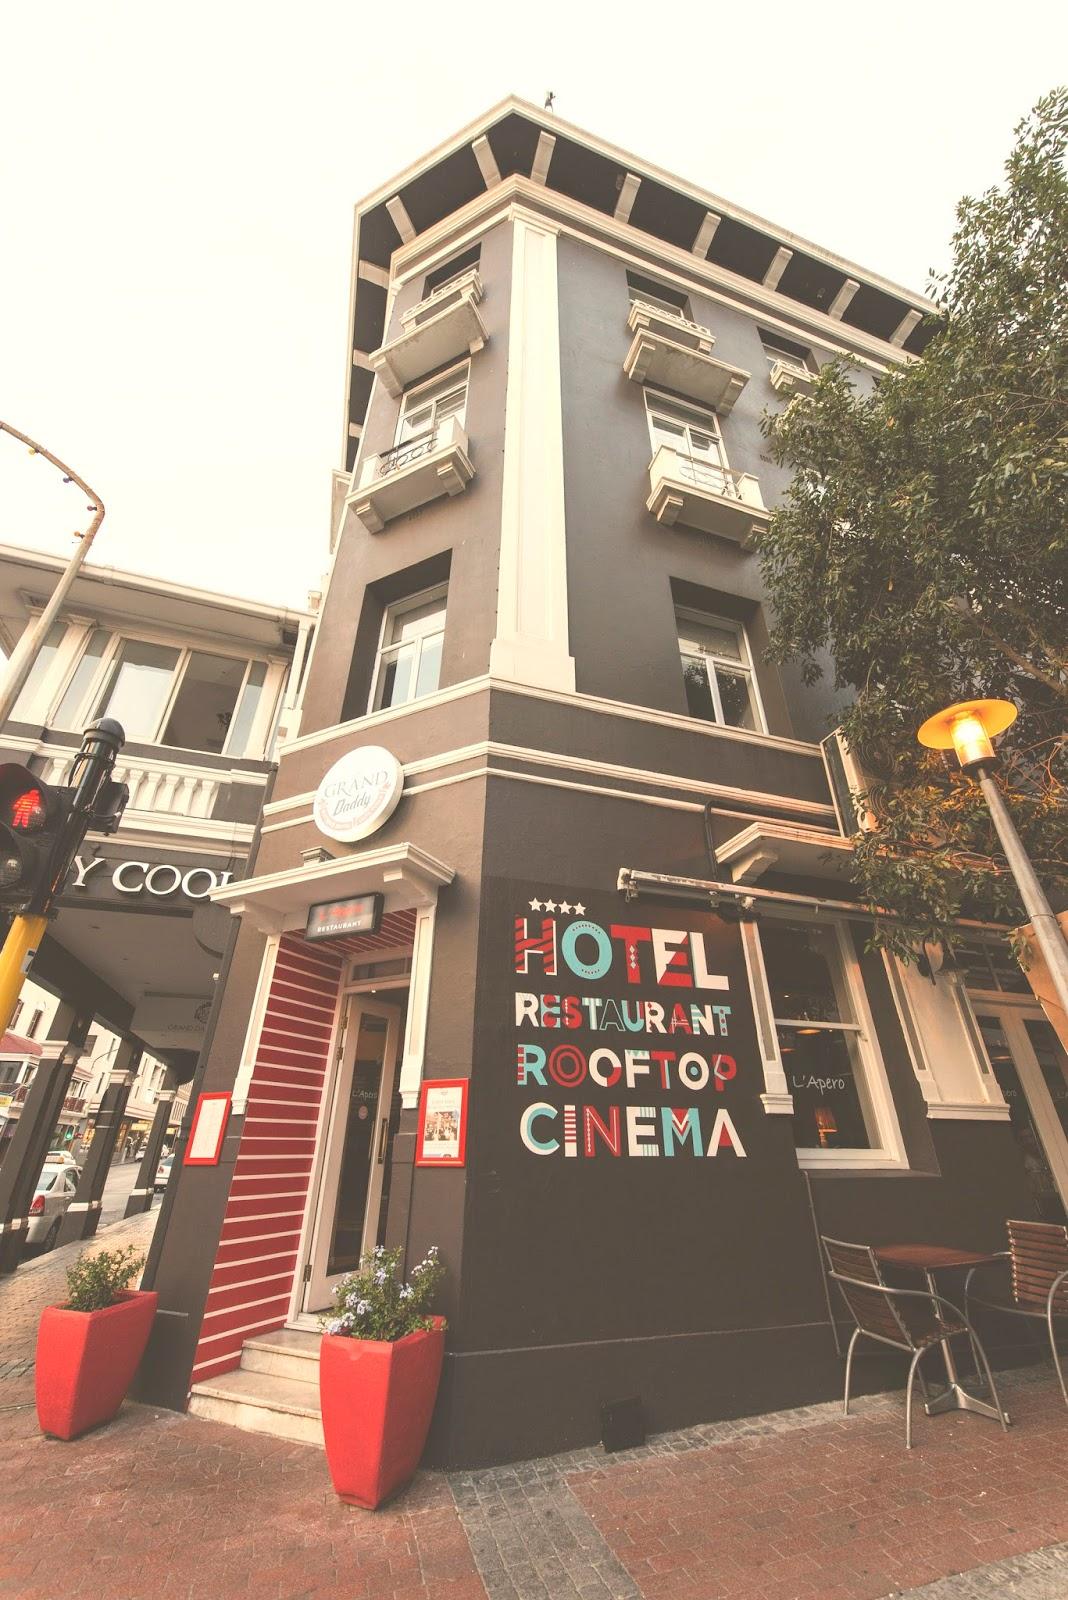 Cape Town's Secret Cinema in a Rooftop Trailer Park | Ellie & Co